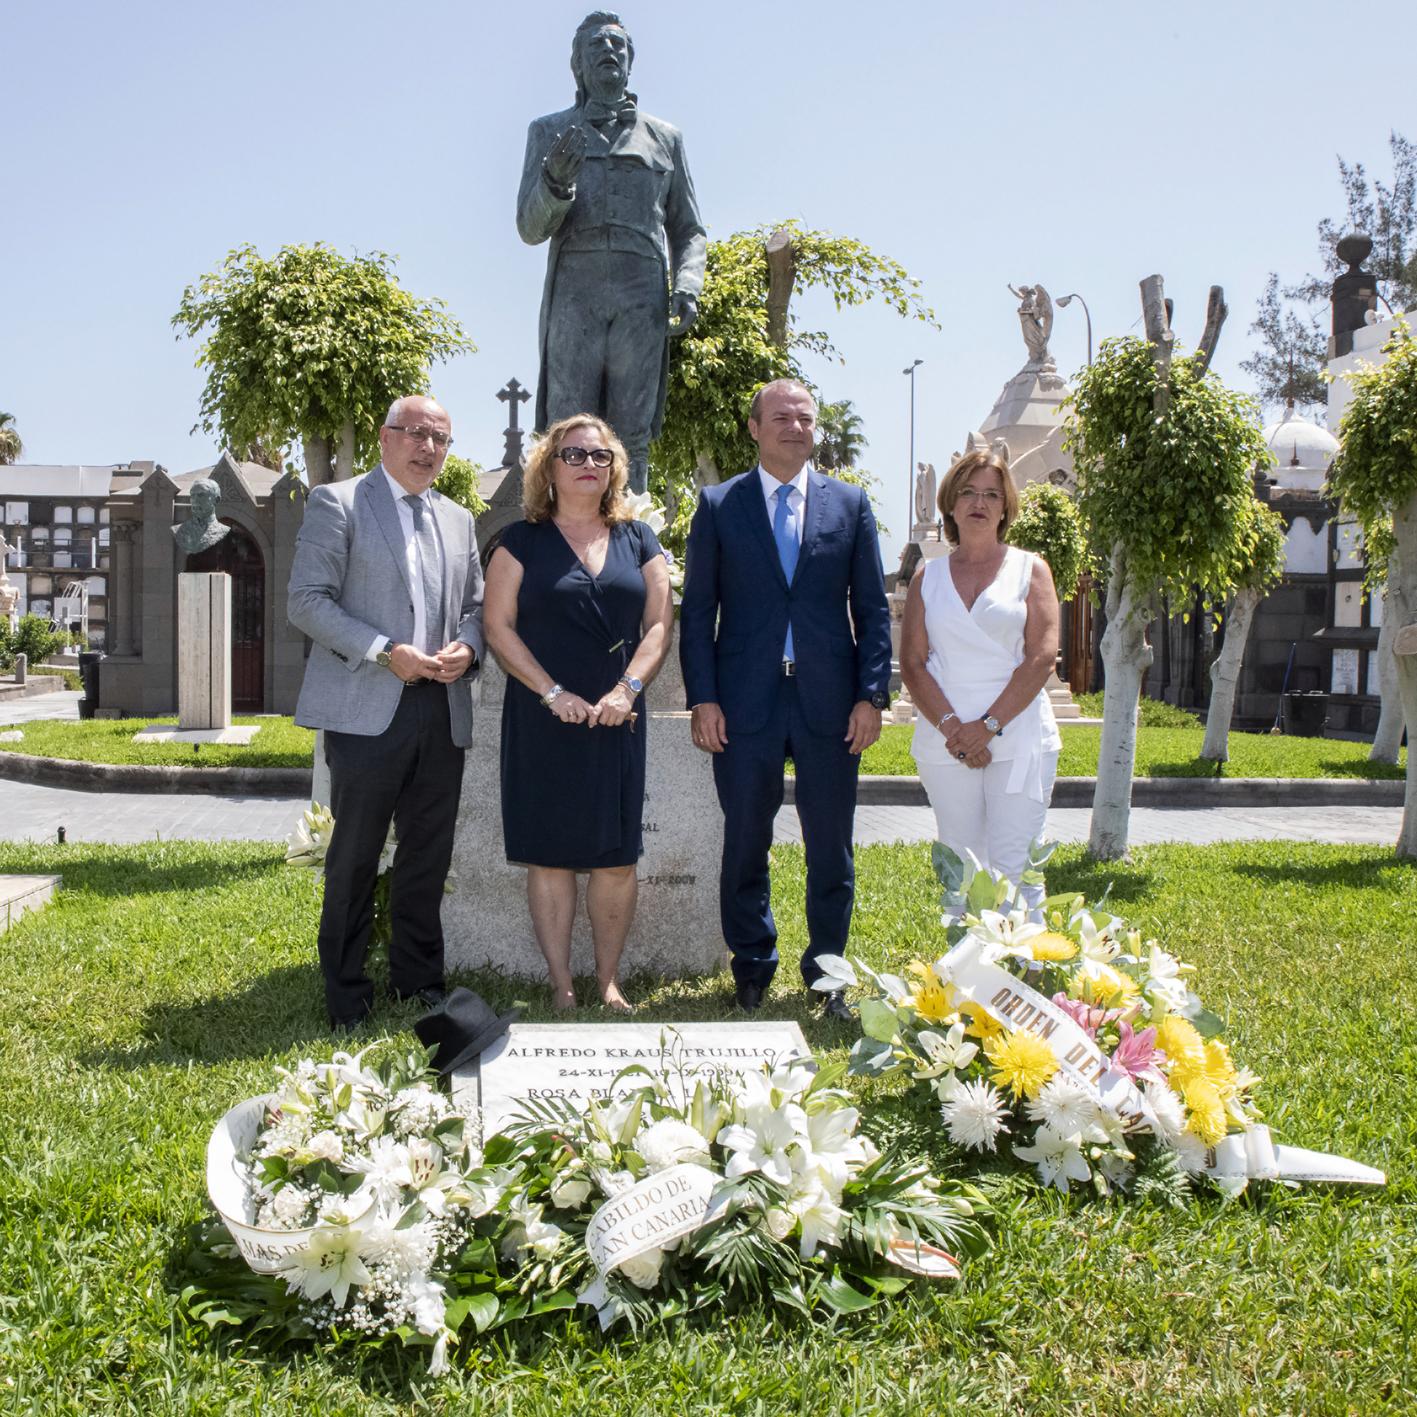 La FIAK conmemora el 20 aniversario del fallecimiento del tenor Alfredo Kraus